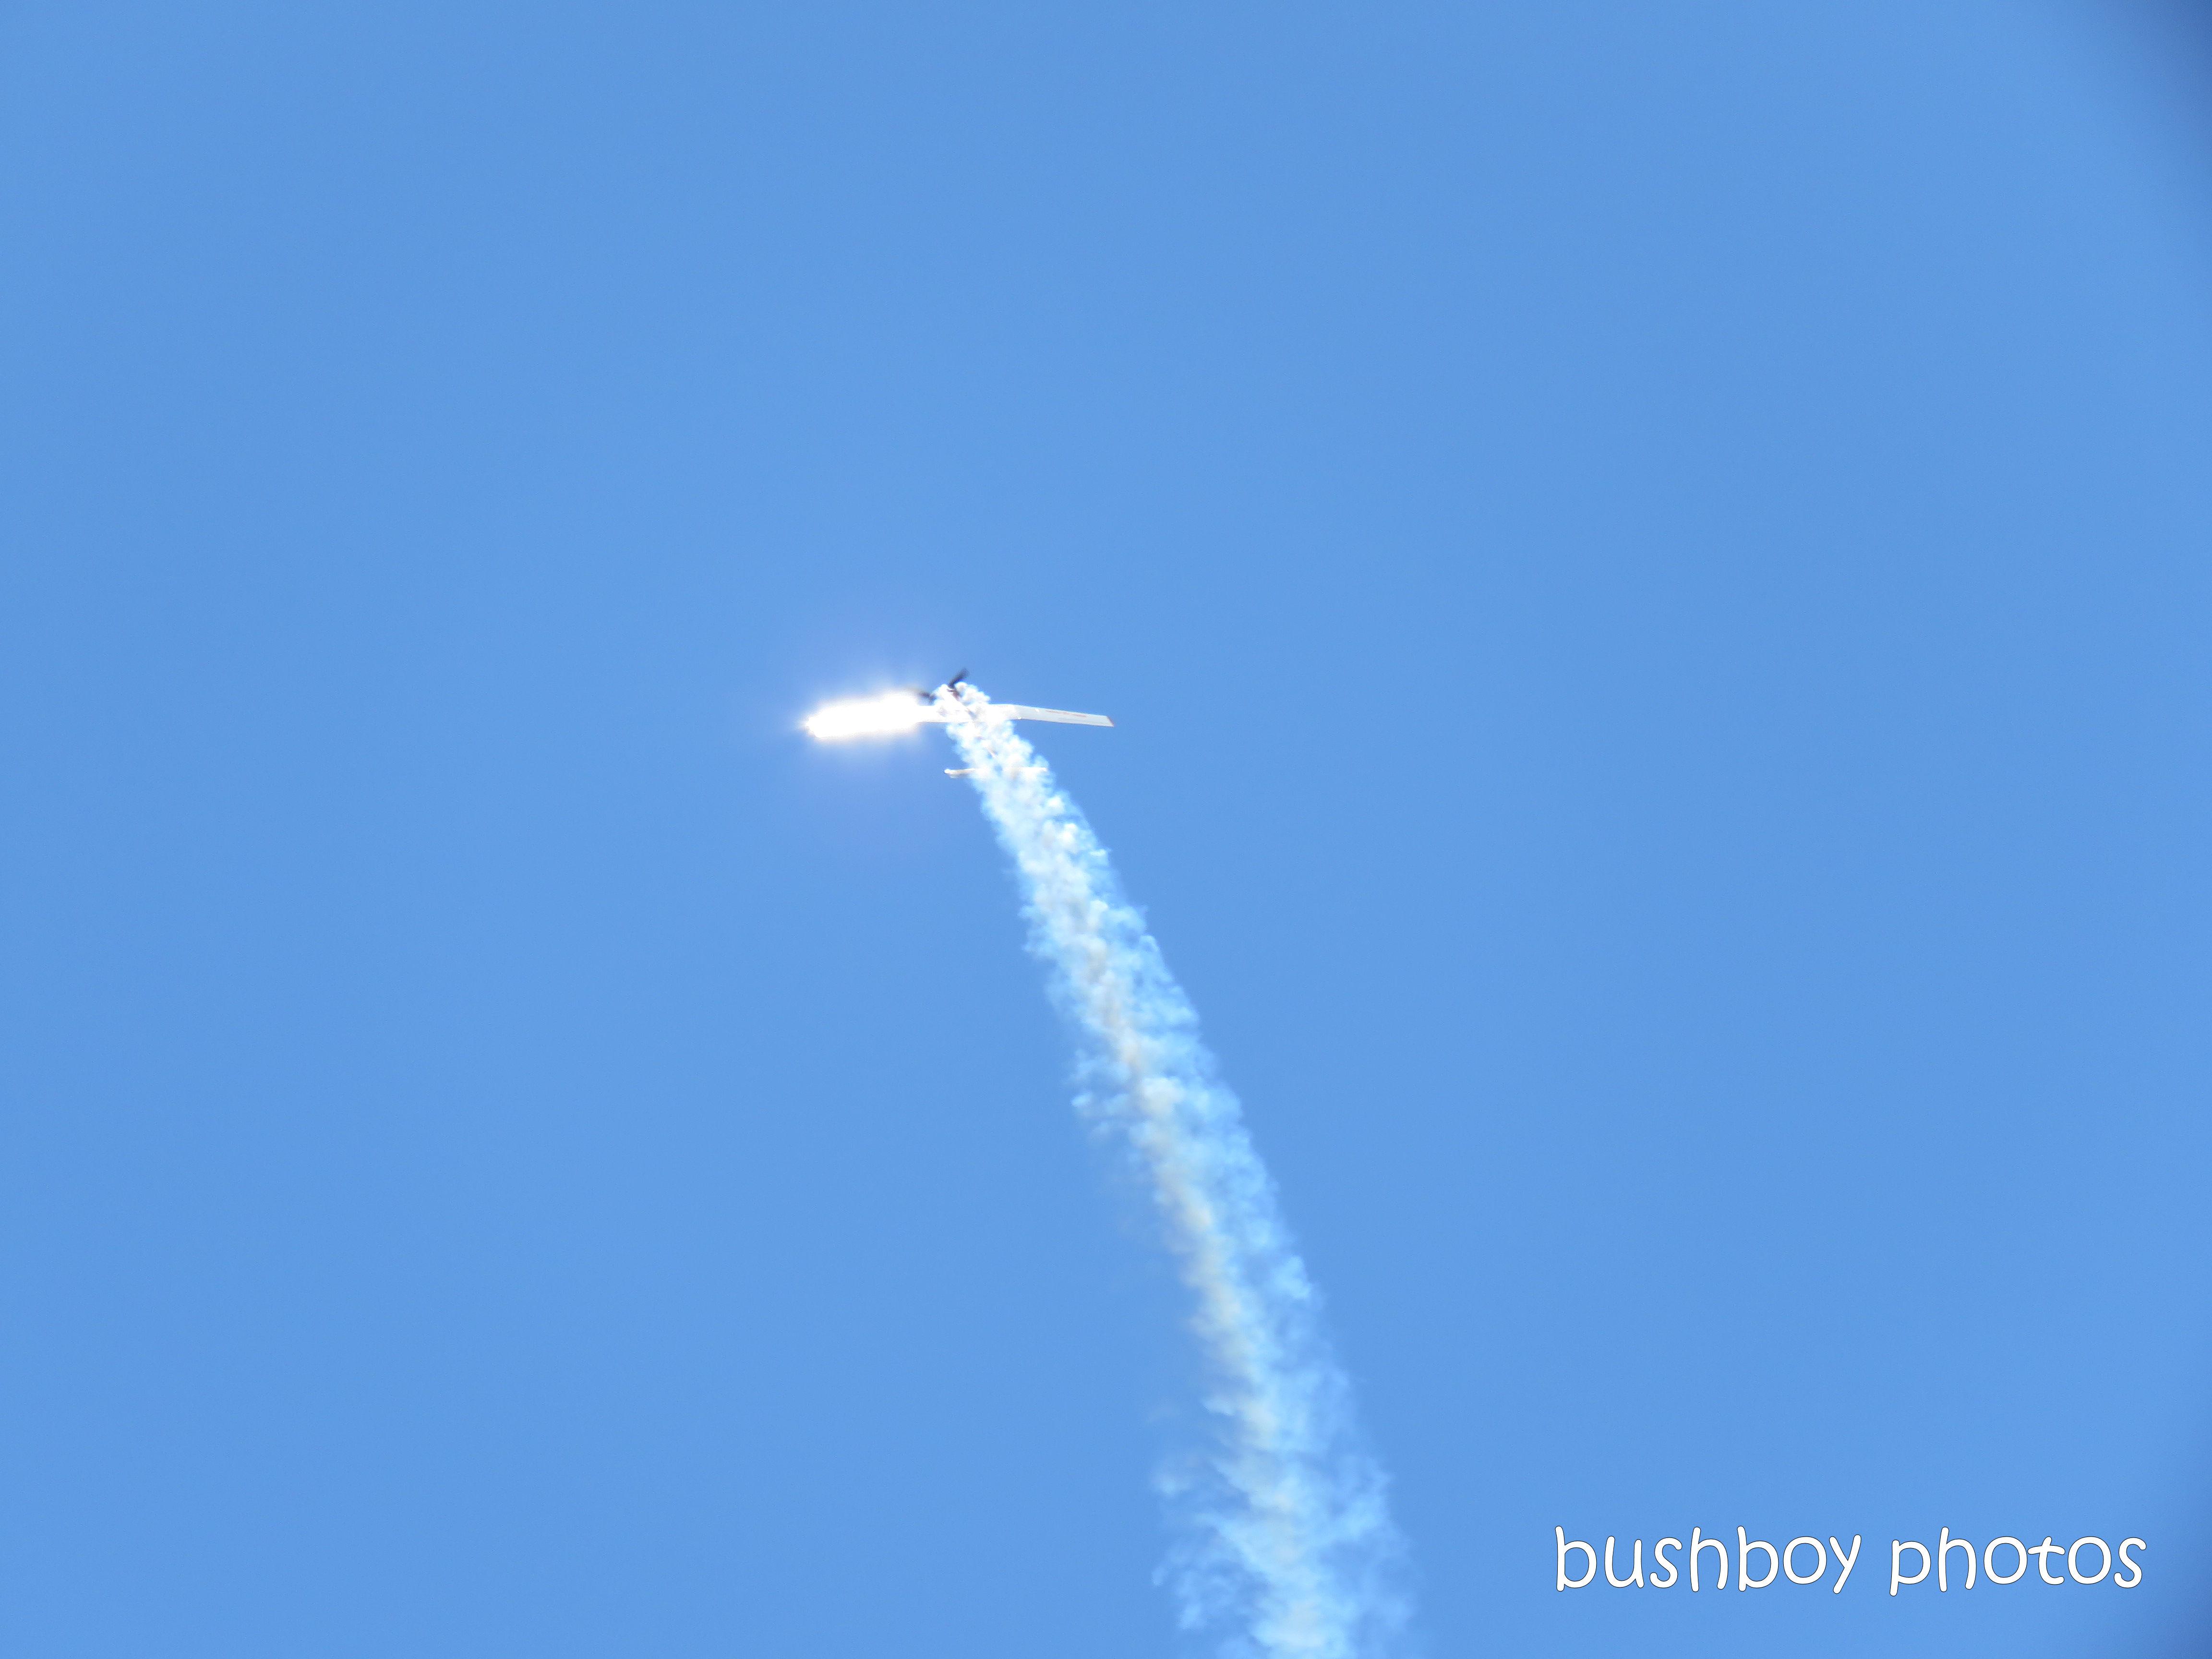 190218_blog_challenge_up_aeroplane2